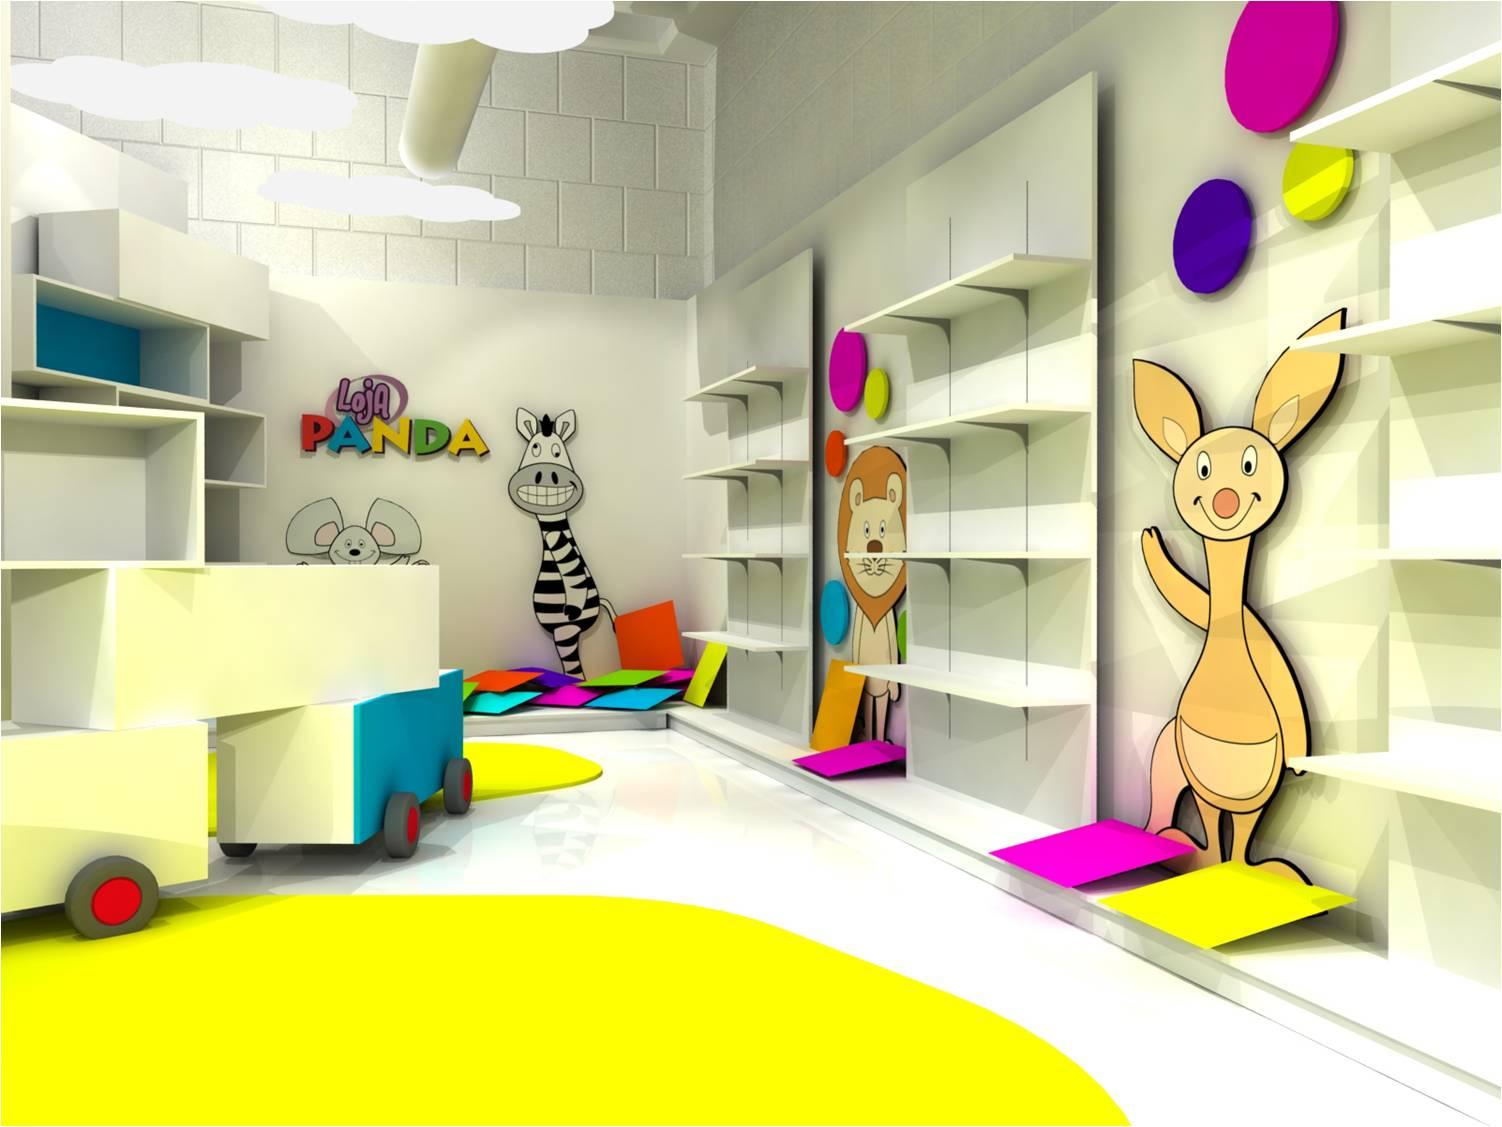 Proyecto de espacio comercial para canal panda canal - Espacios comerciales arquitectura ...